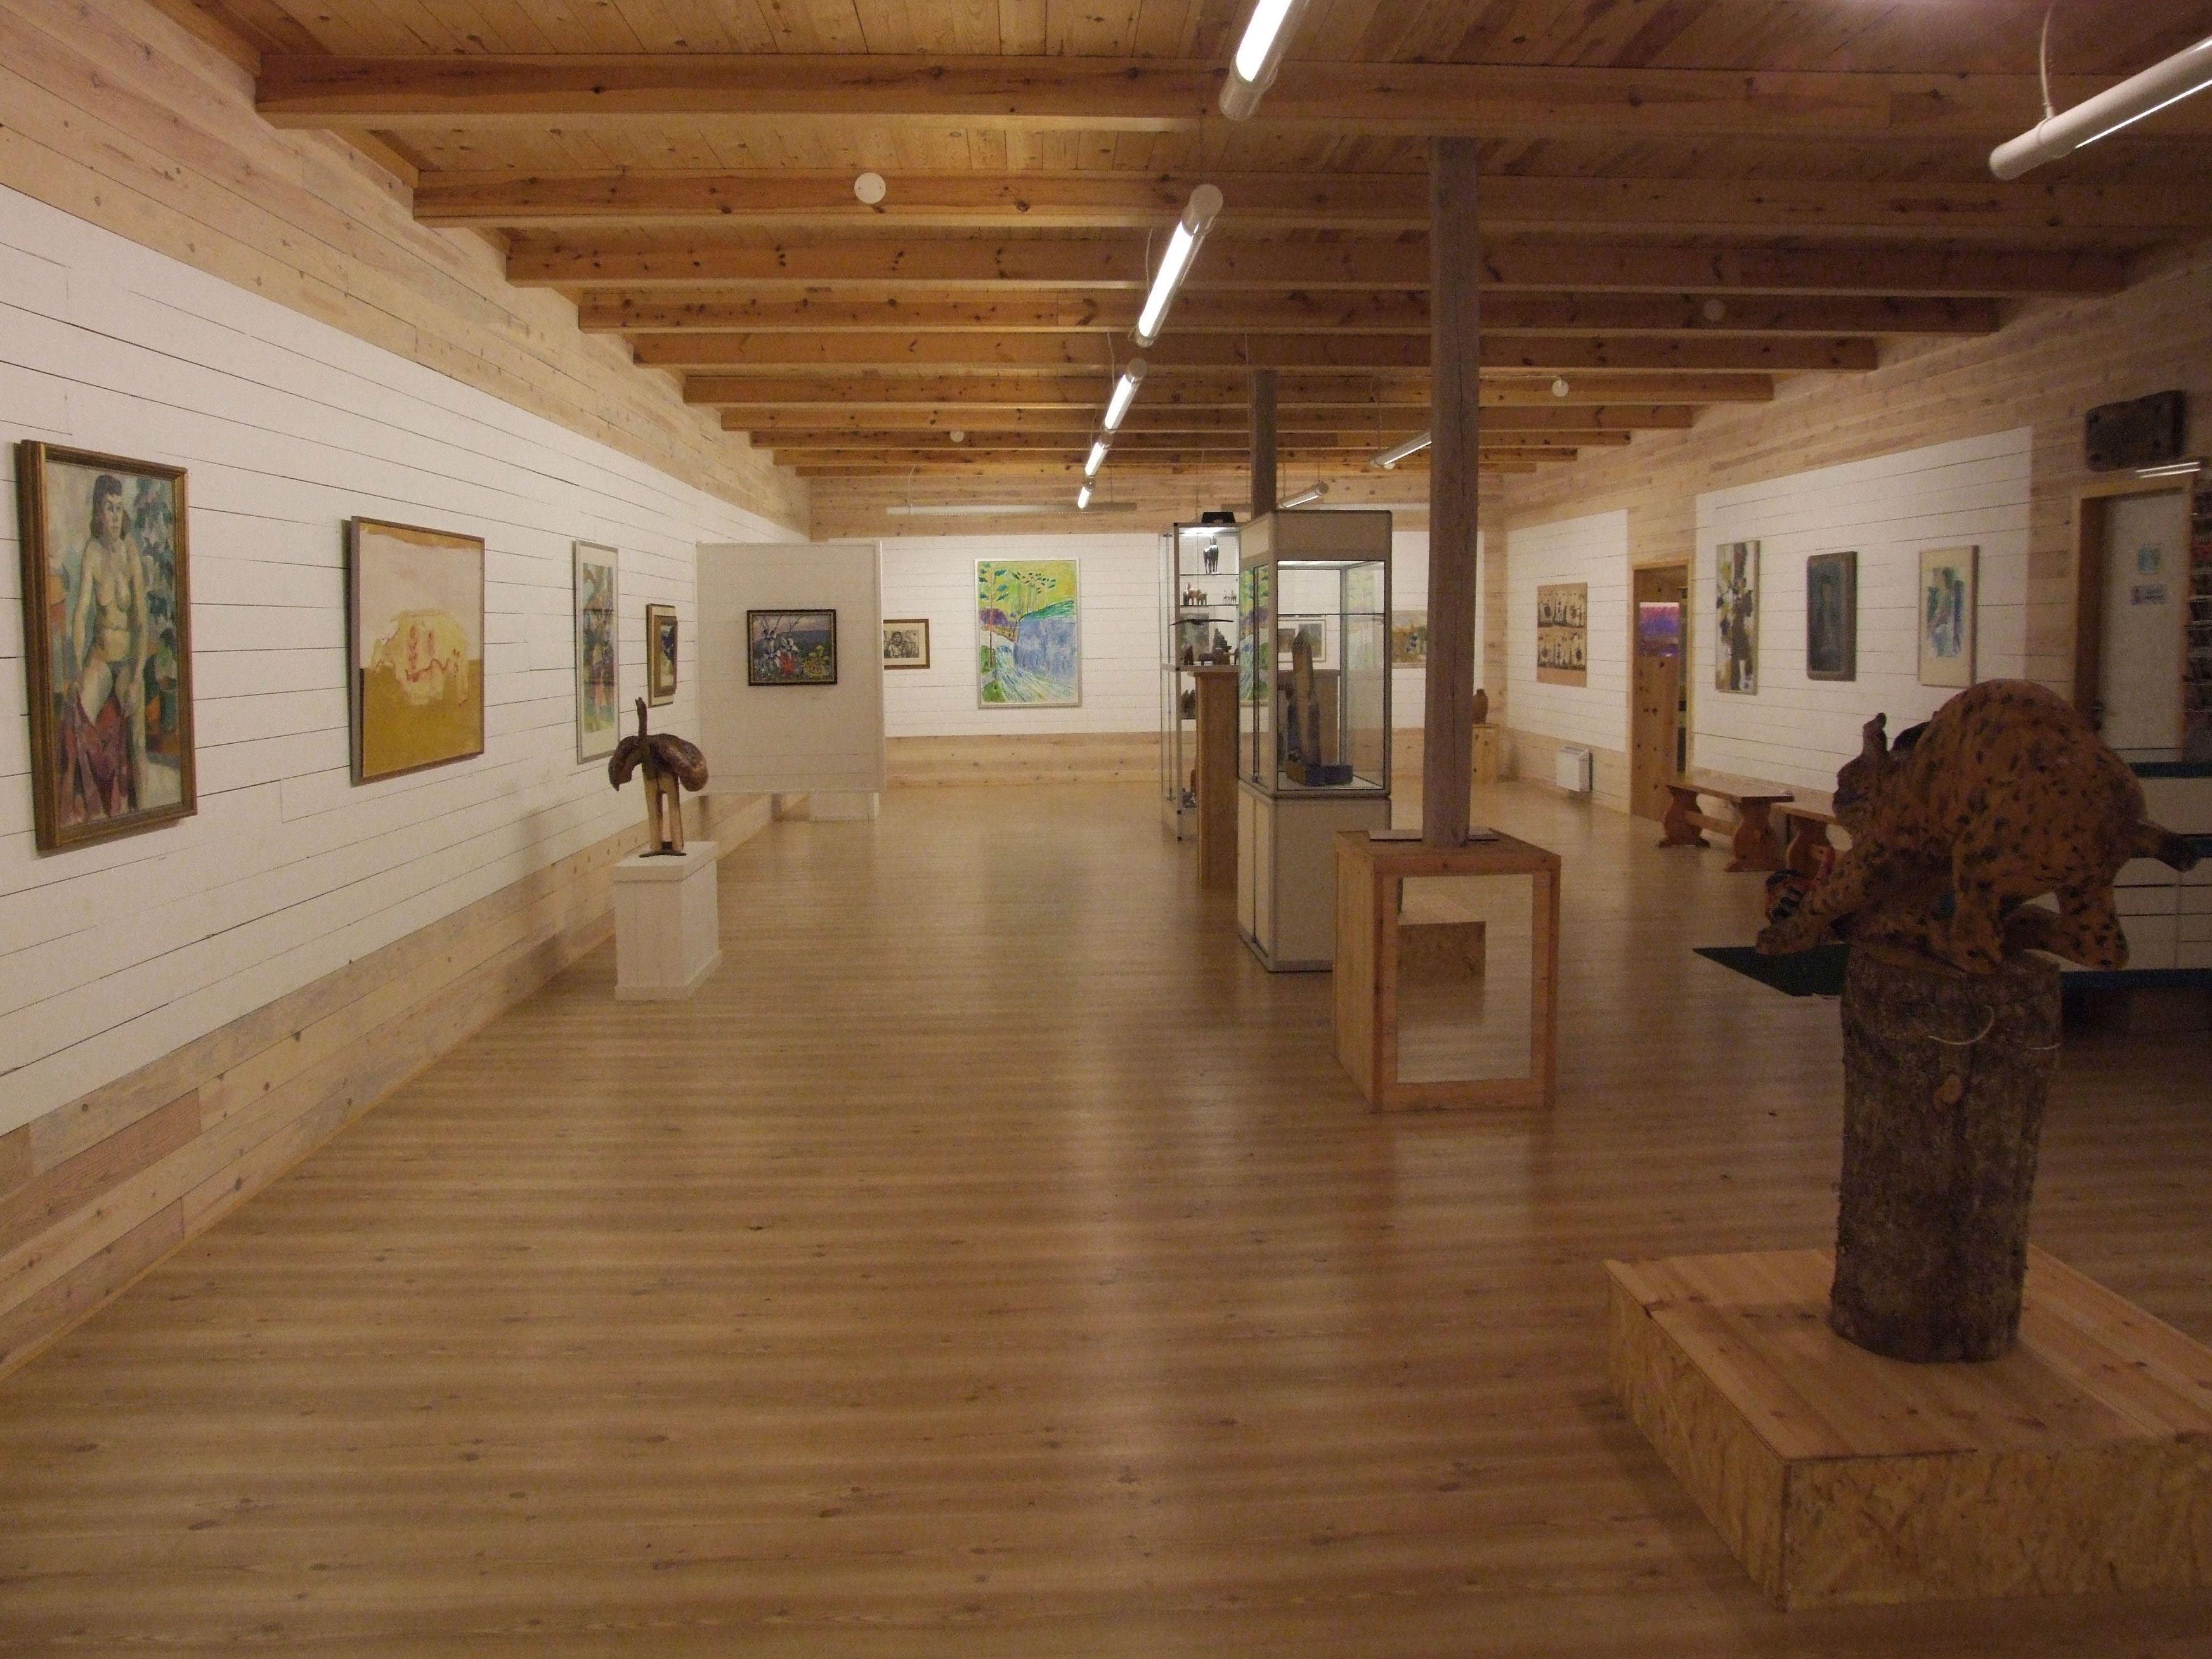 Dala-Järna Konstgård och Dala Konstmuseum